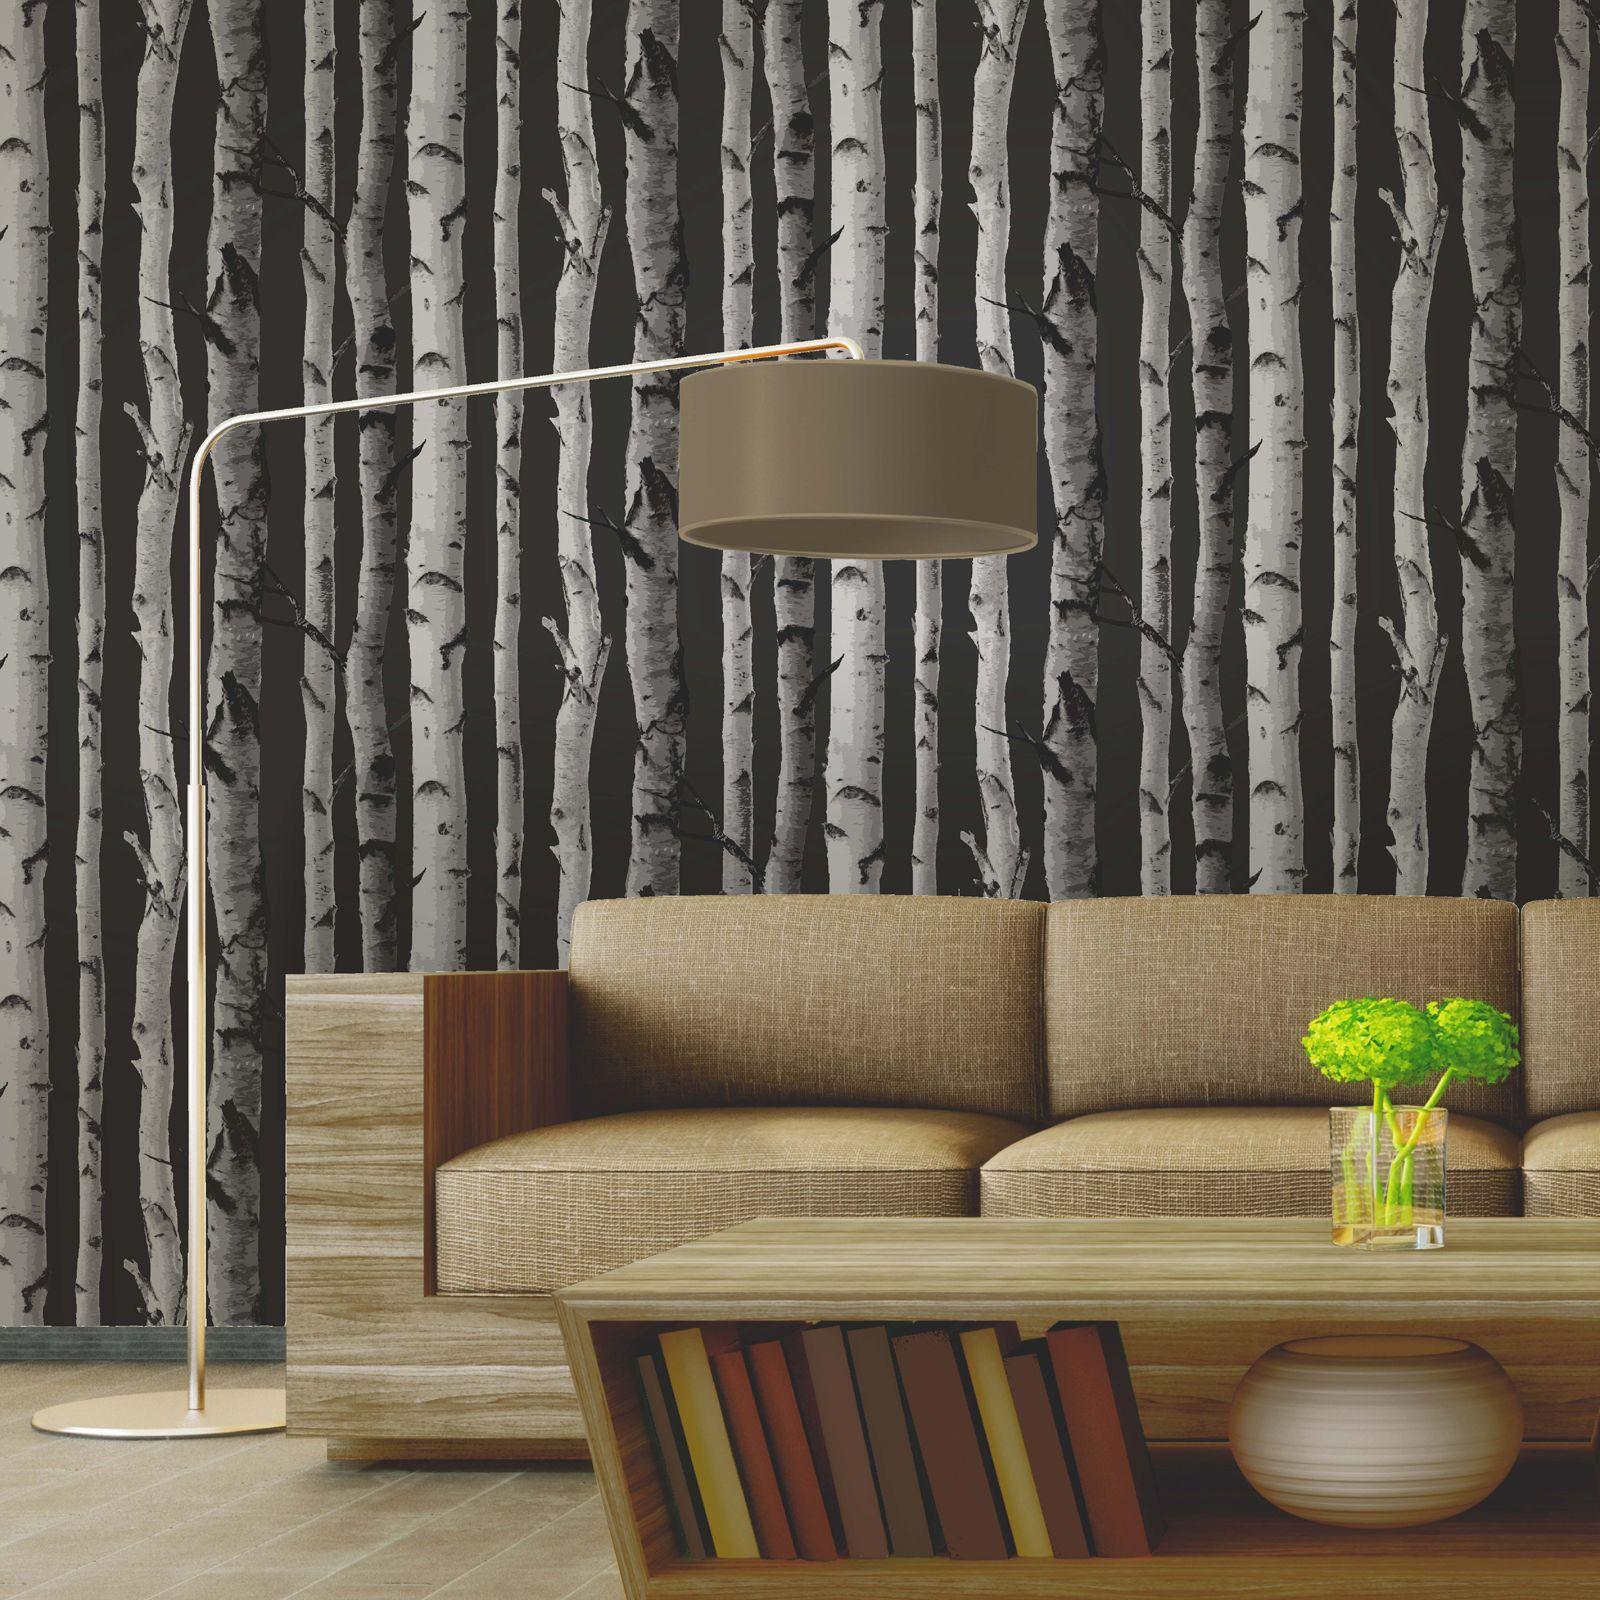 Fine decor abedul rboles papel pintado 10m negro y - Arboles decoracion interior ...